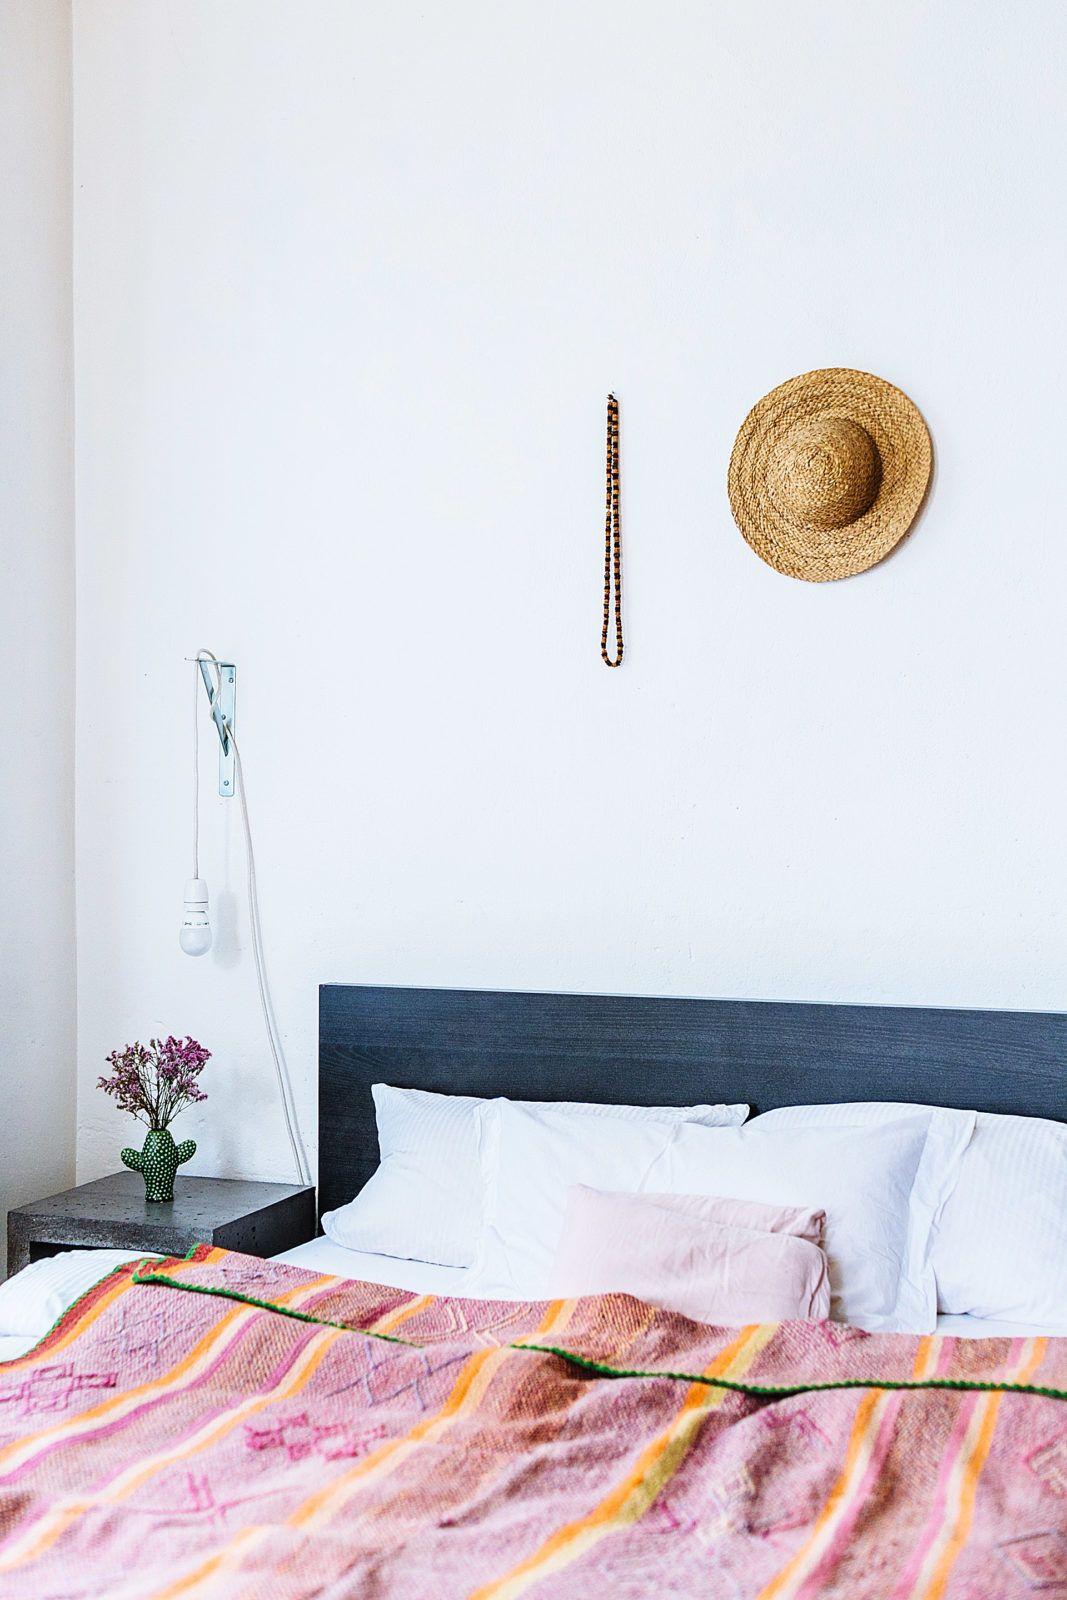 Fesselnd Homestory Mit Vanessa Und Leonie Von Nandi. Interior Inspiration:  Minimalistisches Hippie Schlafzimmer Mit Blauen